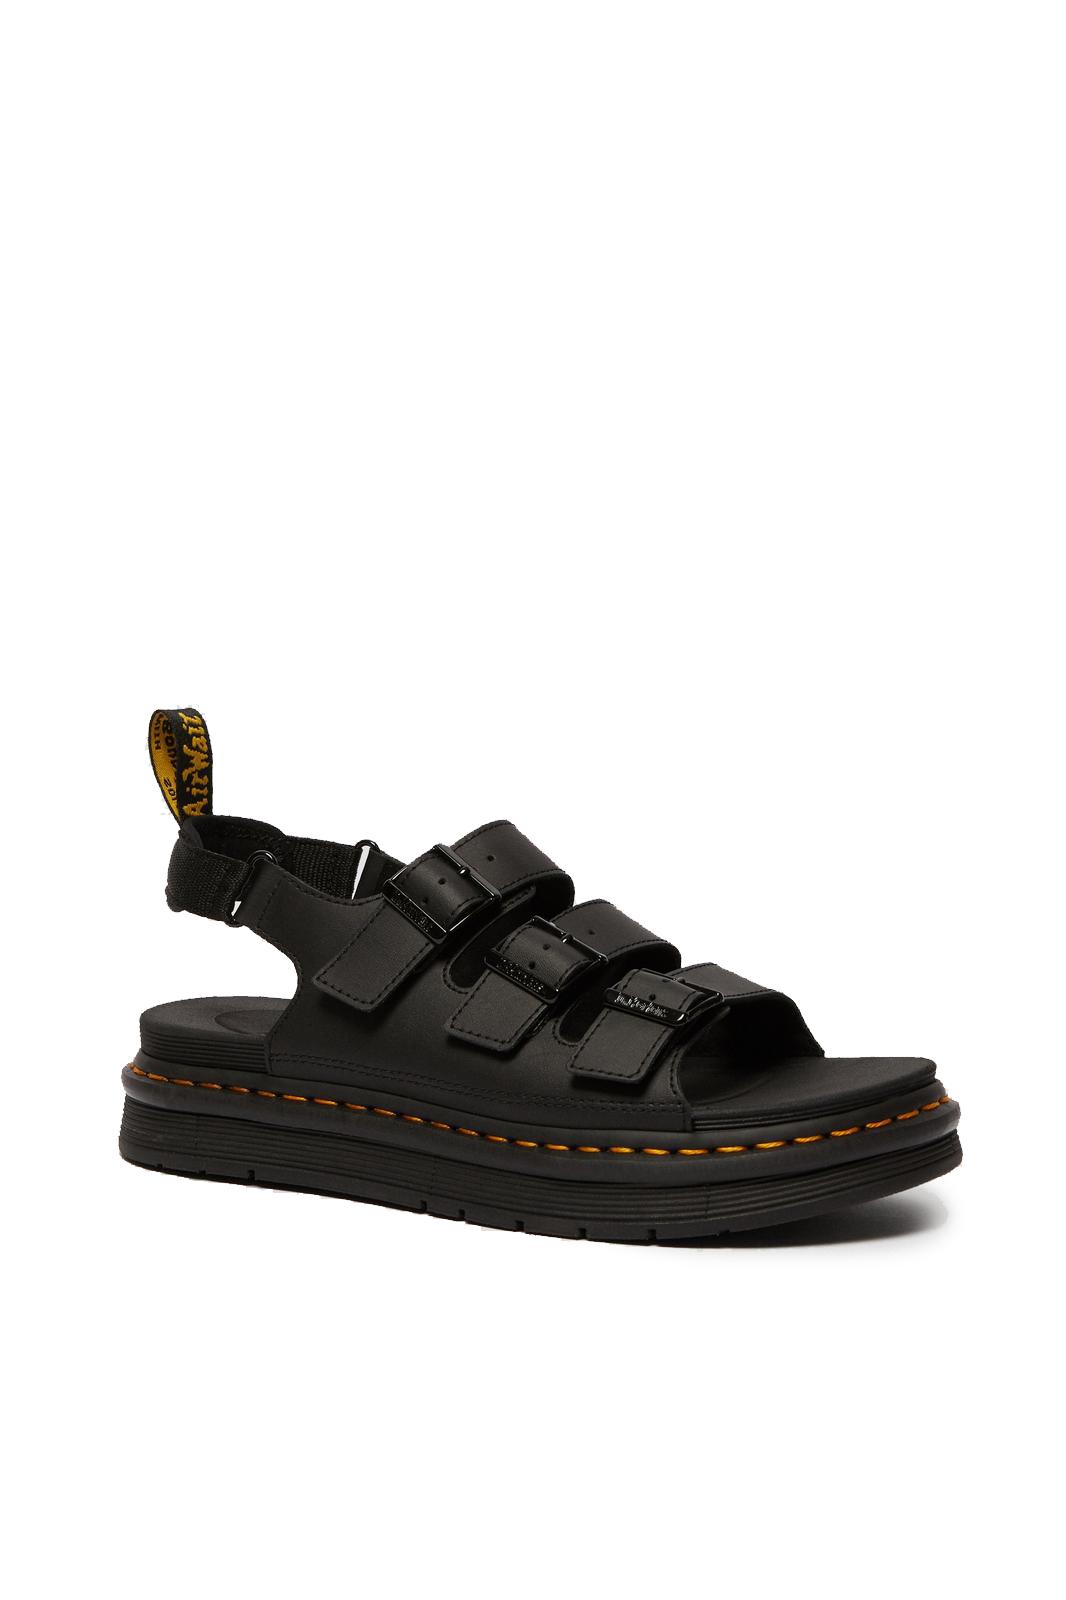 Soloman Sandals Black